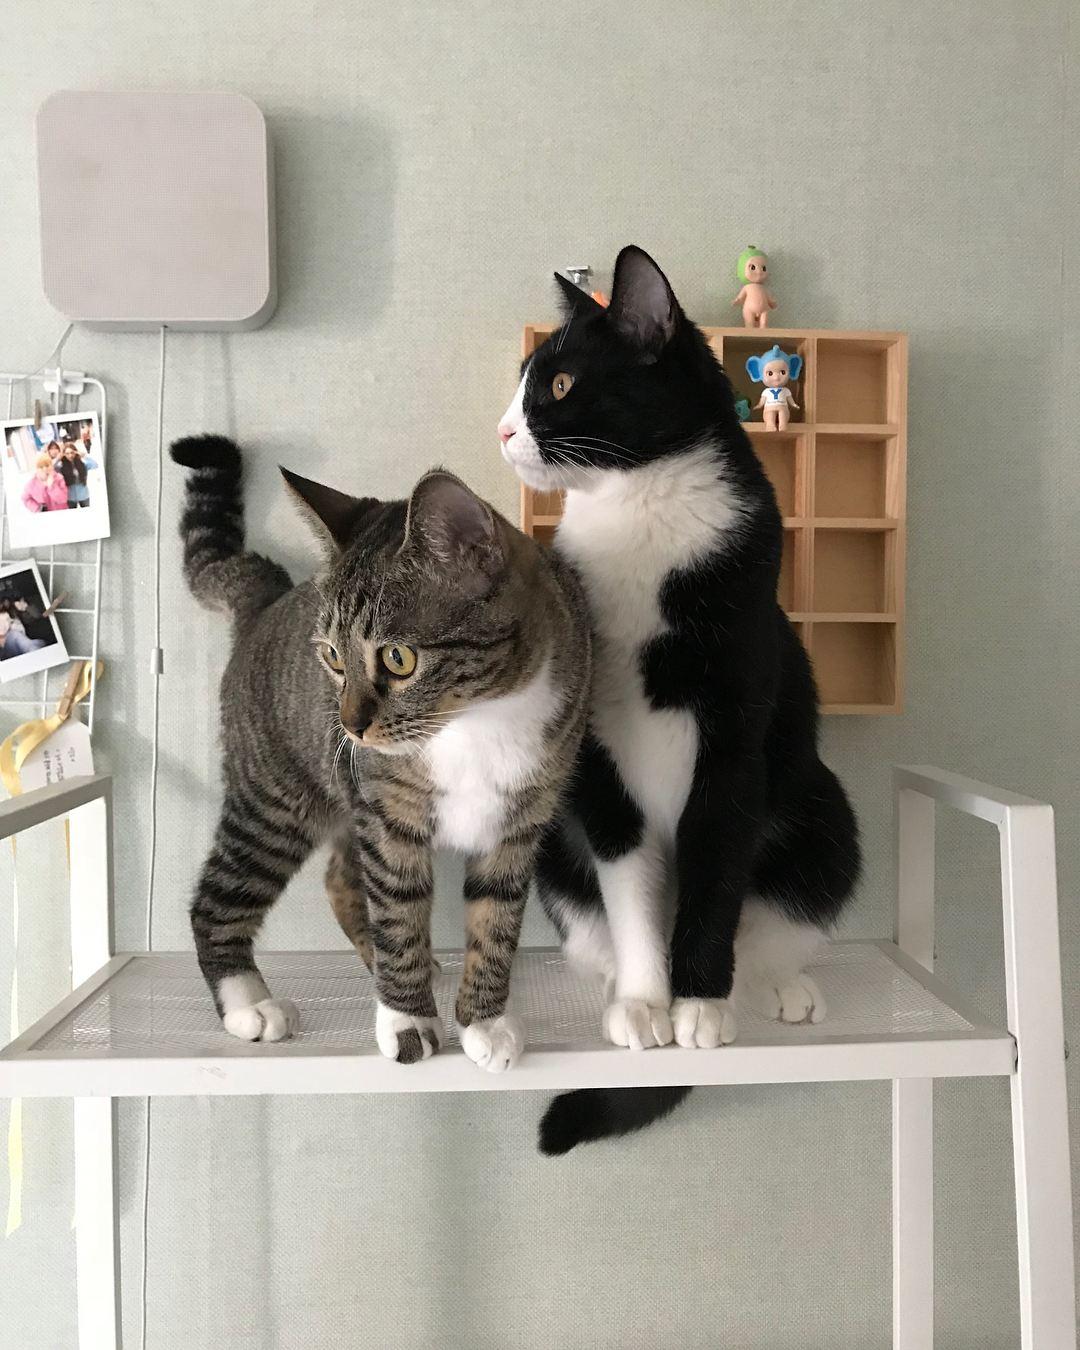 也有過去的採訪報導被挖出來,表示金龍國和成員們一起住宿舍的時候就對貓咪不怎麼關心,甚至成員中也有兩位成員對貓咪過敏,對此許多粉絲粉怒的表示:「談戀愛可以,棄貓就是不行!」,也讓大批貓奴跳出來指責金龍國的行為,雖然金龍國在親筆信中解釋是因為與新貓的問題才送走露西,但這個理由根本不被粉絲接受...